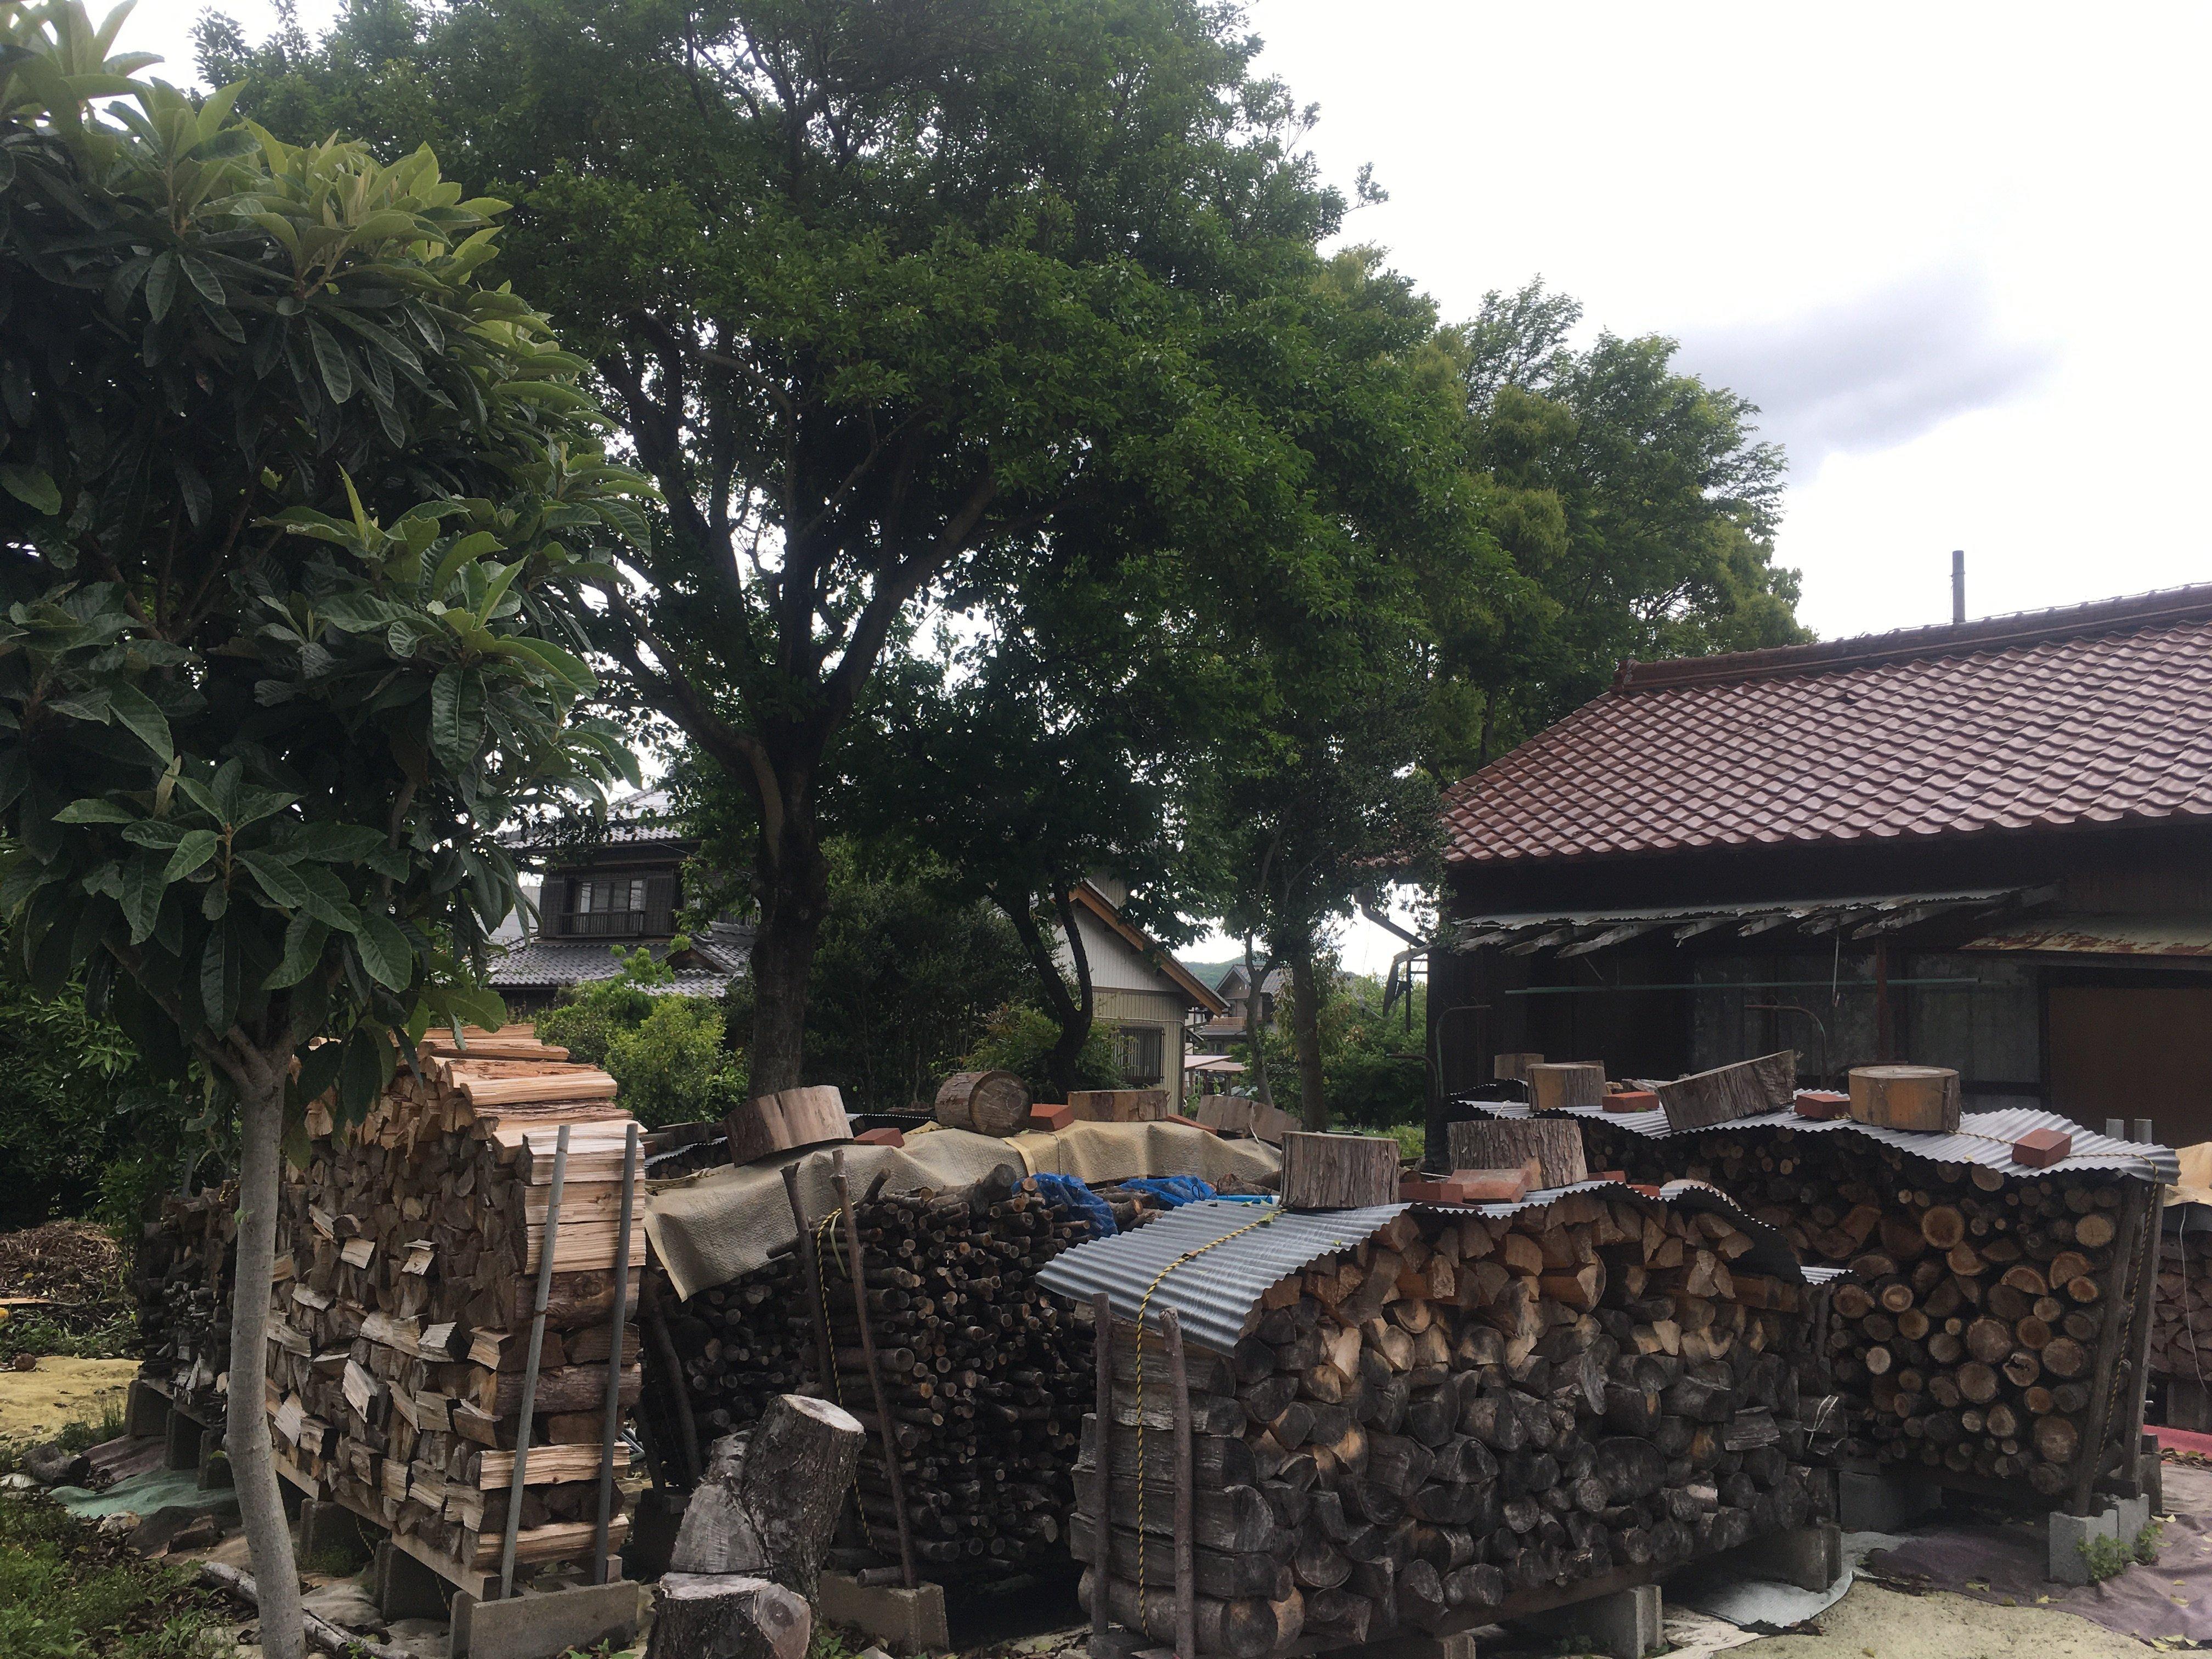 薪屋きすけ 薪(規格外木材自然なり)薪づくり作業体験 ご相談・お見積もりのイメージその1